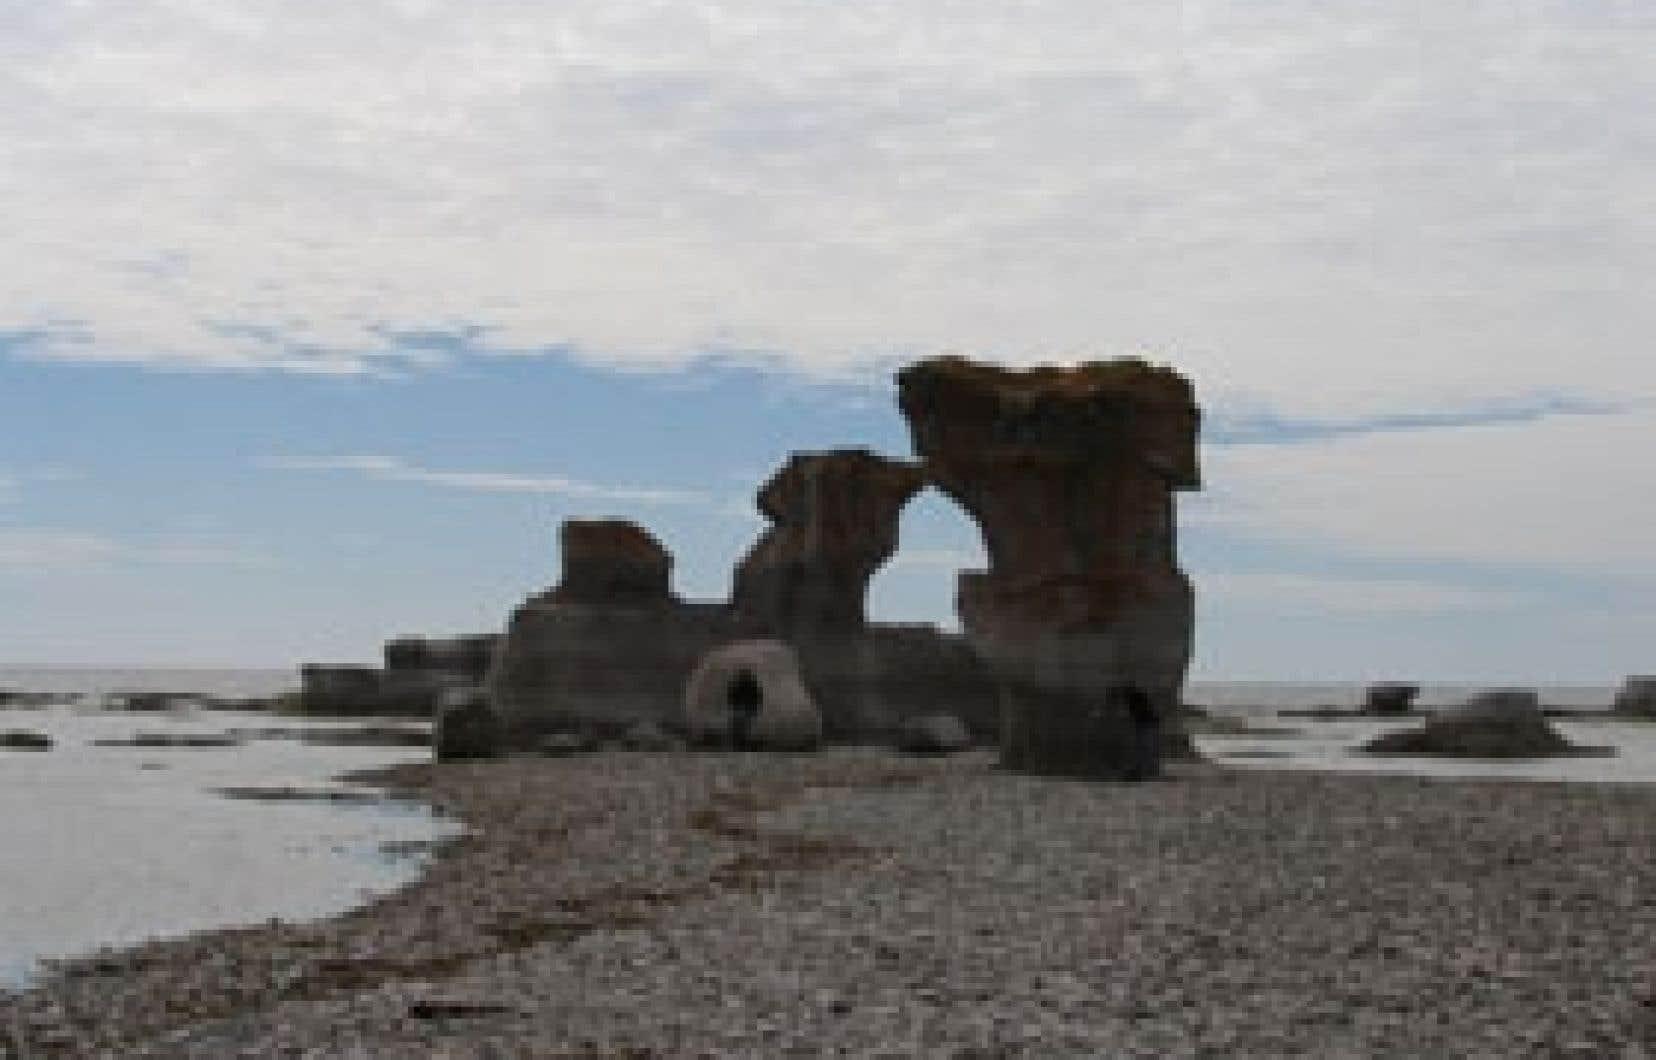 La nouvelle pièce législative va élargir considérablement la définition des biens à protéger, en y ajoutant le statut de paysage patrimonial tout comme celui de patrimoine immatériel. Ainsi, l'archipel de Mingan pourrait être «classé». Phot